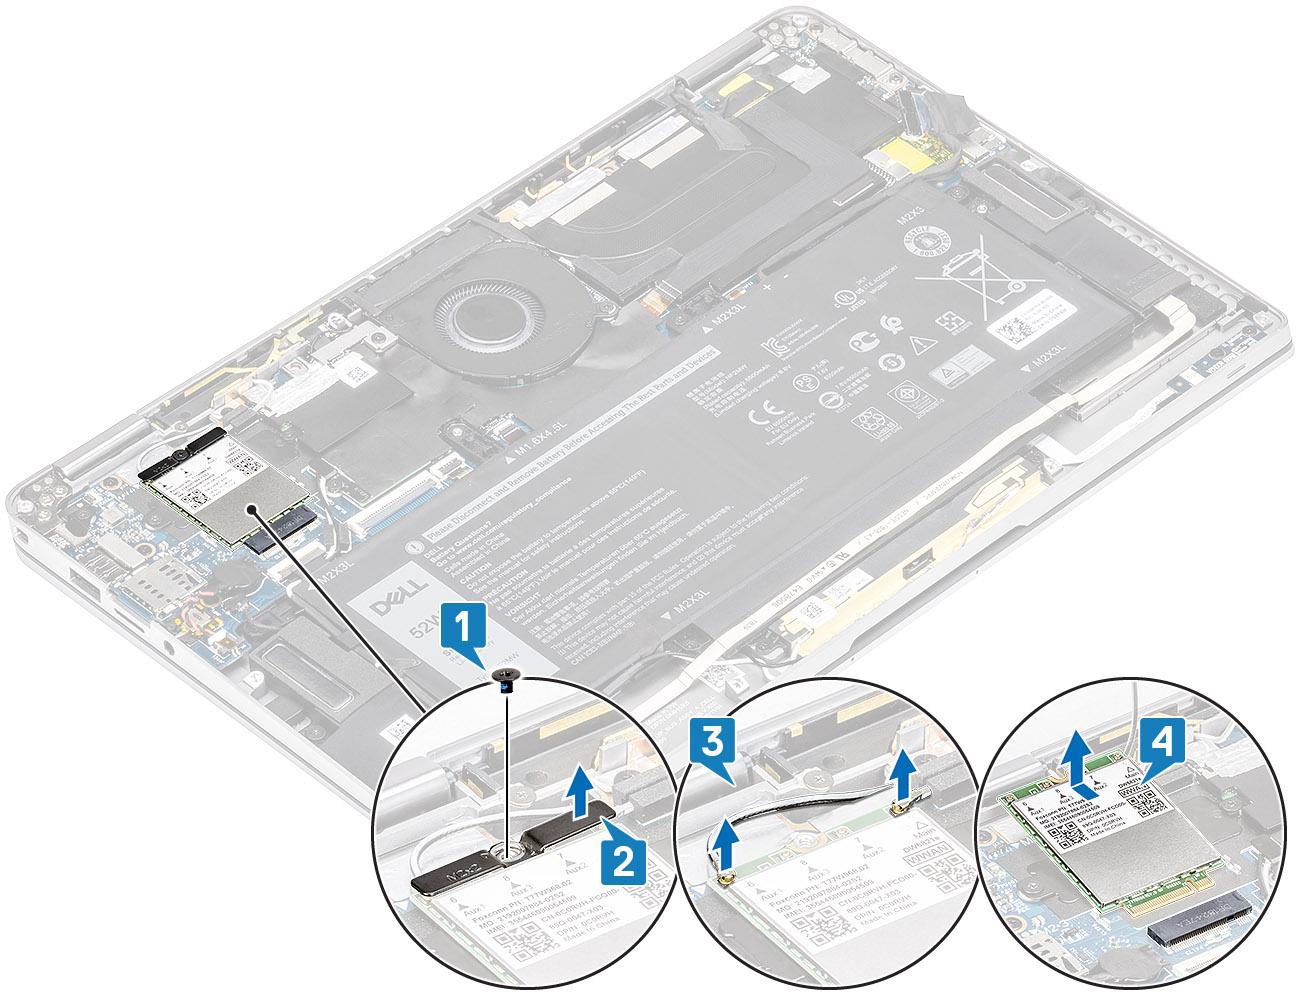 Dell Latitude 7400 2-in-1 Service Manual